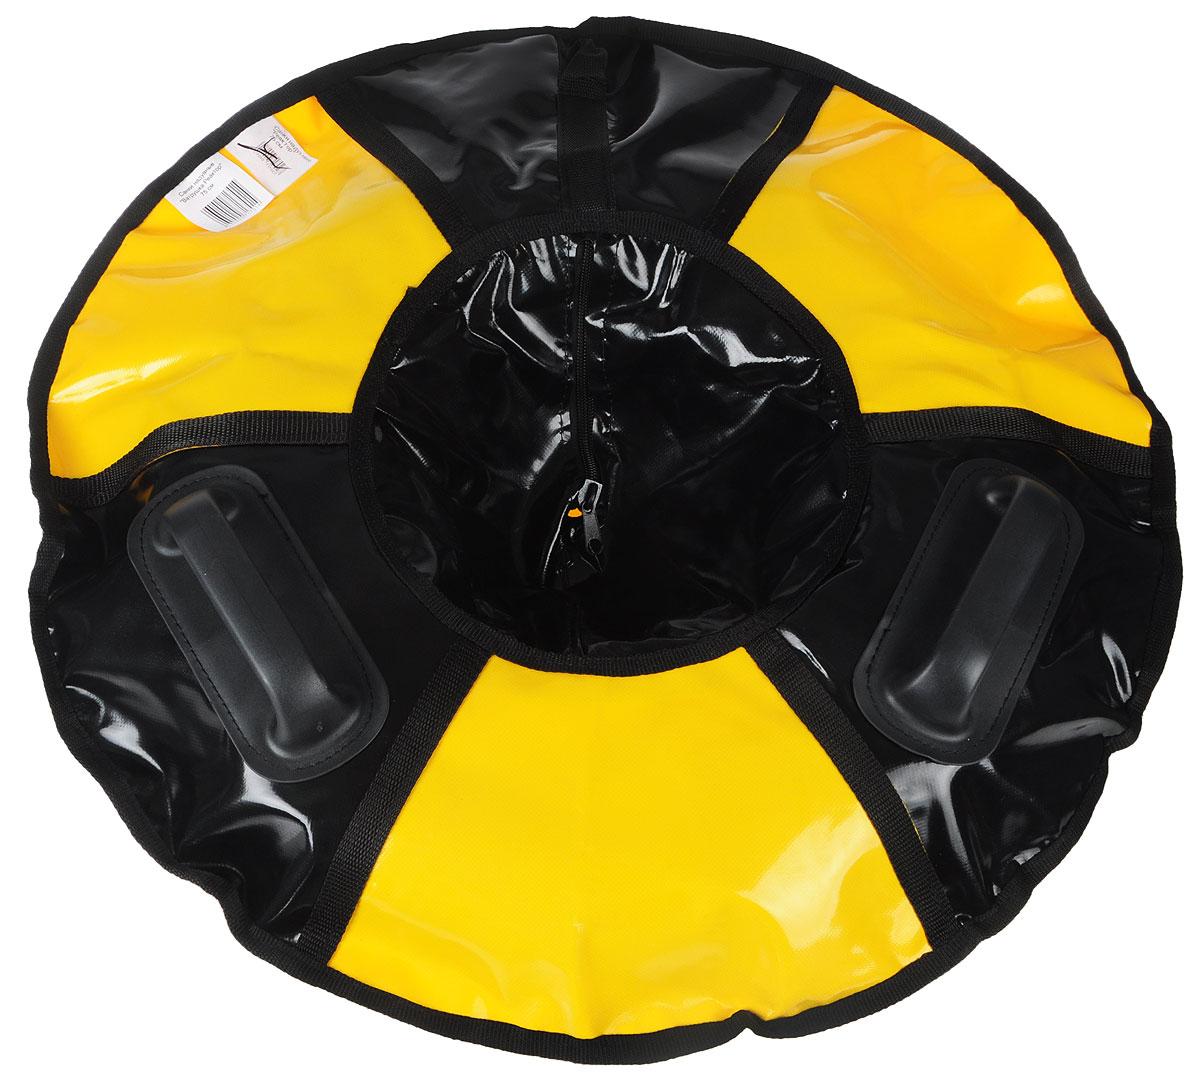 Санки надувные Мегабайк Реактор, цвет: черный, желтый, диаметр 75 см28263051Любимая детская зимняя забава - это кататься с горки. Надувные санки Реактор - это отличный вариант для тех, кто любит весело проводить время на свежем воздухе. Надувные санки Реактор - это оригинальные круглые санки с простым дизайном, использованием износостойких материалов и комплектацией, достаточной для регулярного катания. Санки оборудованы плотной лентой для удобной буксировки. Две литые ручки приклеенные к чехлу санок особым клеем, который используется при производстве надувных лодок. Диаметр в накаченном состоянии: 75 см. Длина буксировочного троса: 1,2 м. Используемые камеры: R-13. Рекомендованное давление 0.06 Атм. УВАЖАЕМЫЕ КЛИЕНТЫ! Просим обратить ваше внимание на тот факт, что санки поставляются в сдутом виде и надуваются при помощи насоса (насос не входит в комплект).